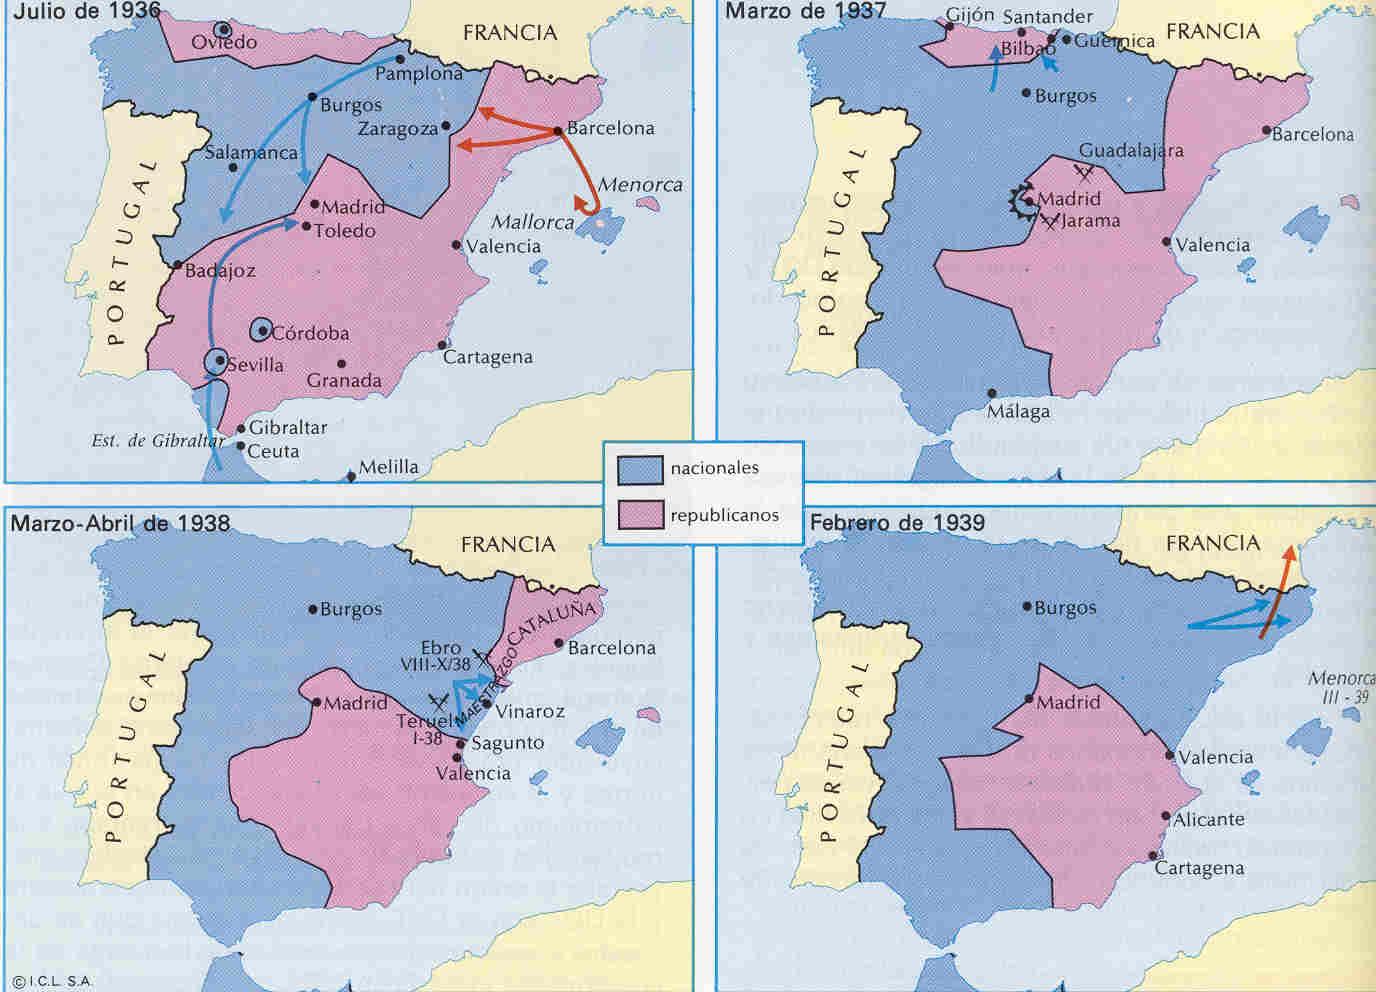 Evolución de la Guerra Civil Española 1936-1939